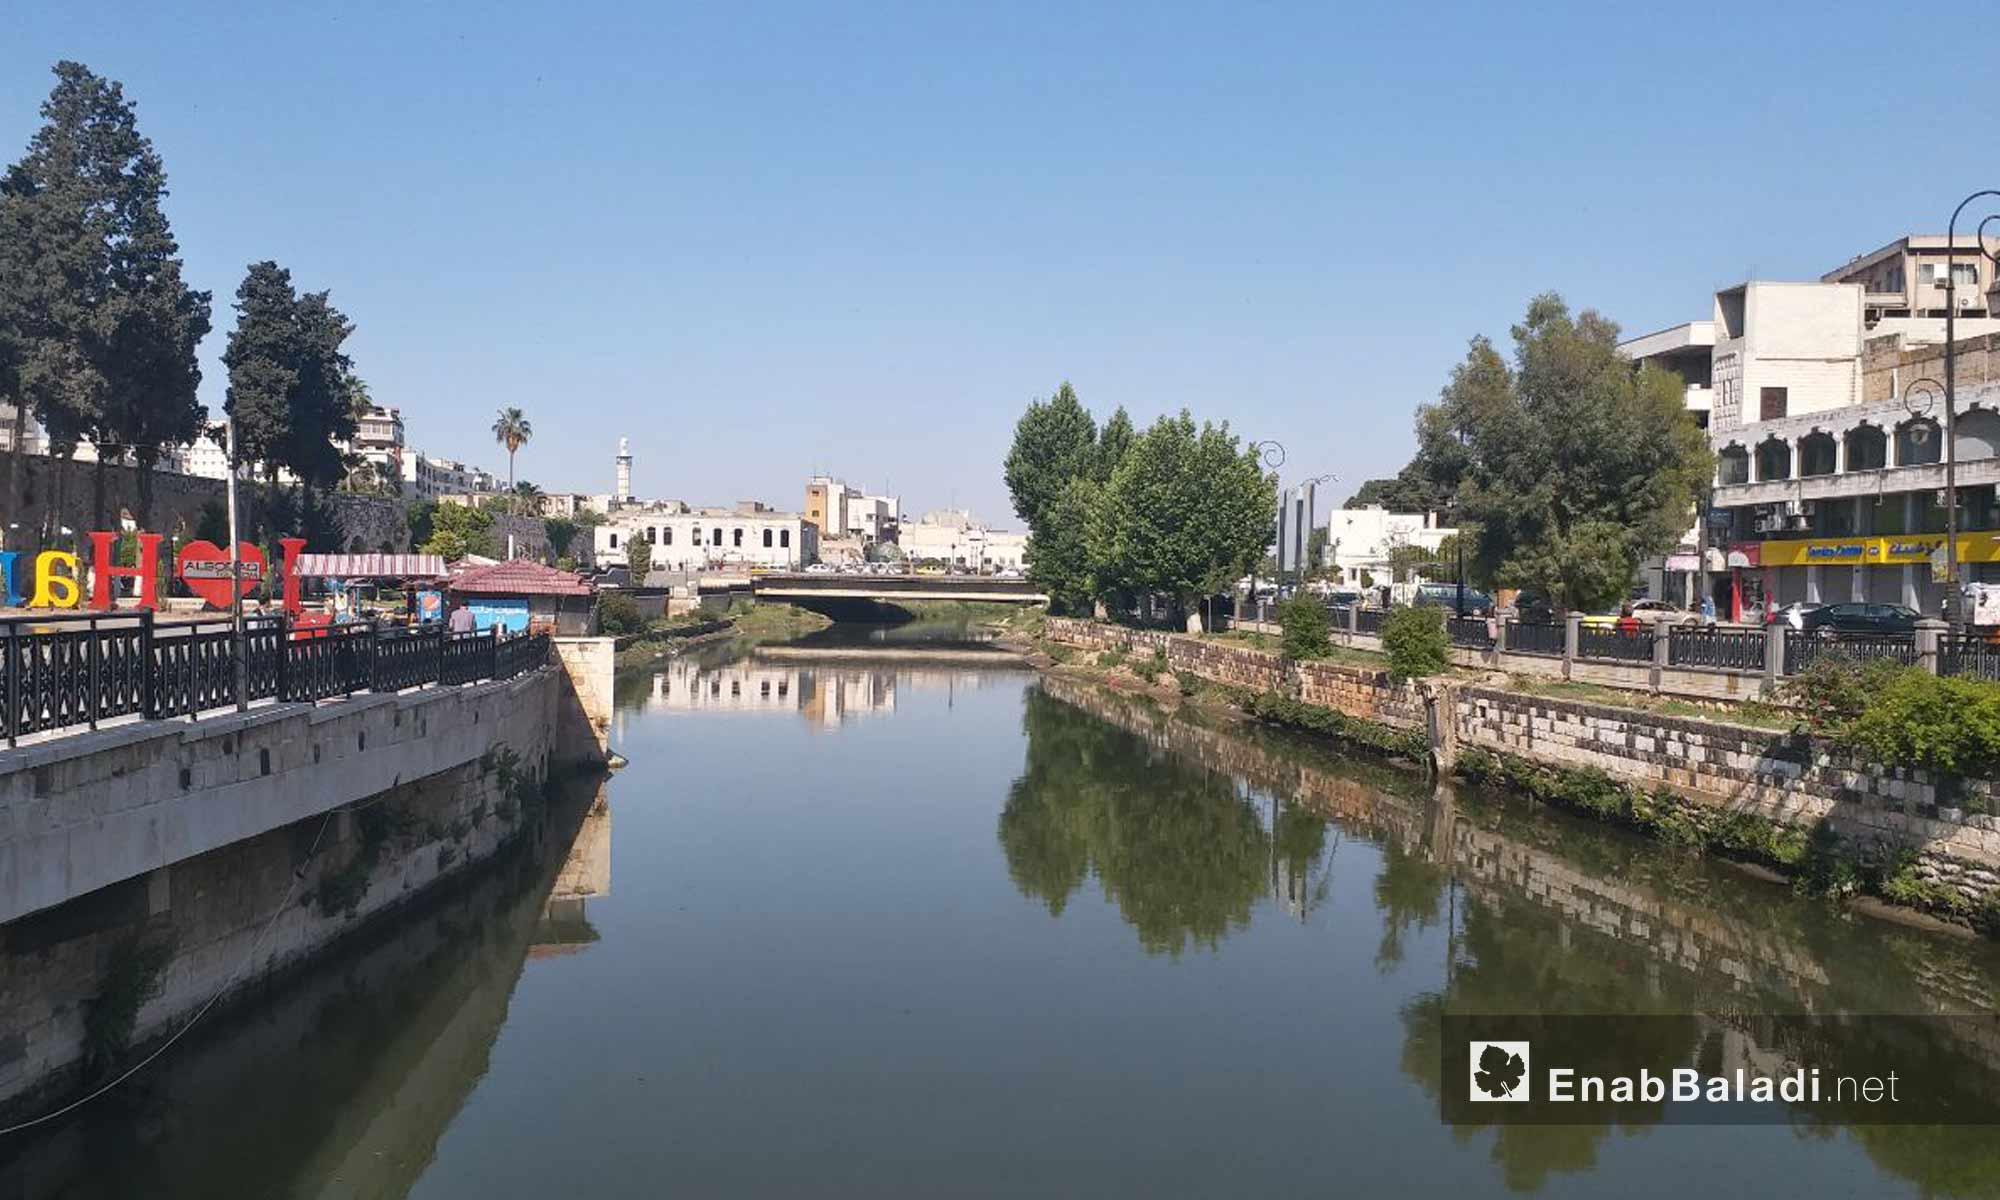 The Assi river passing through Hama city – May 18, 2019 (Enab Baladi)